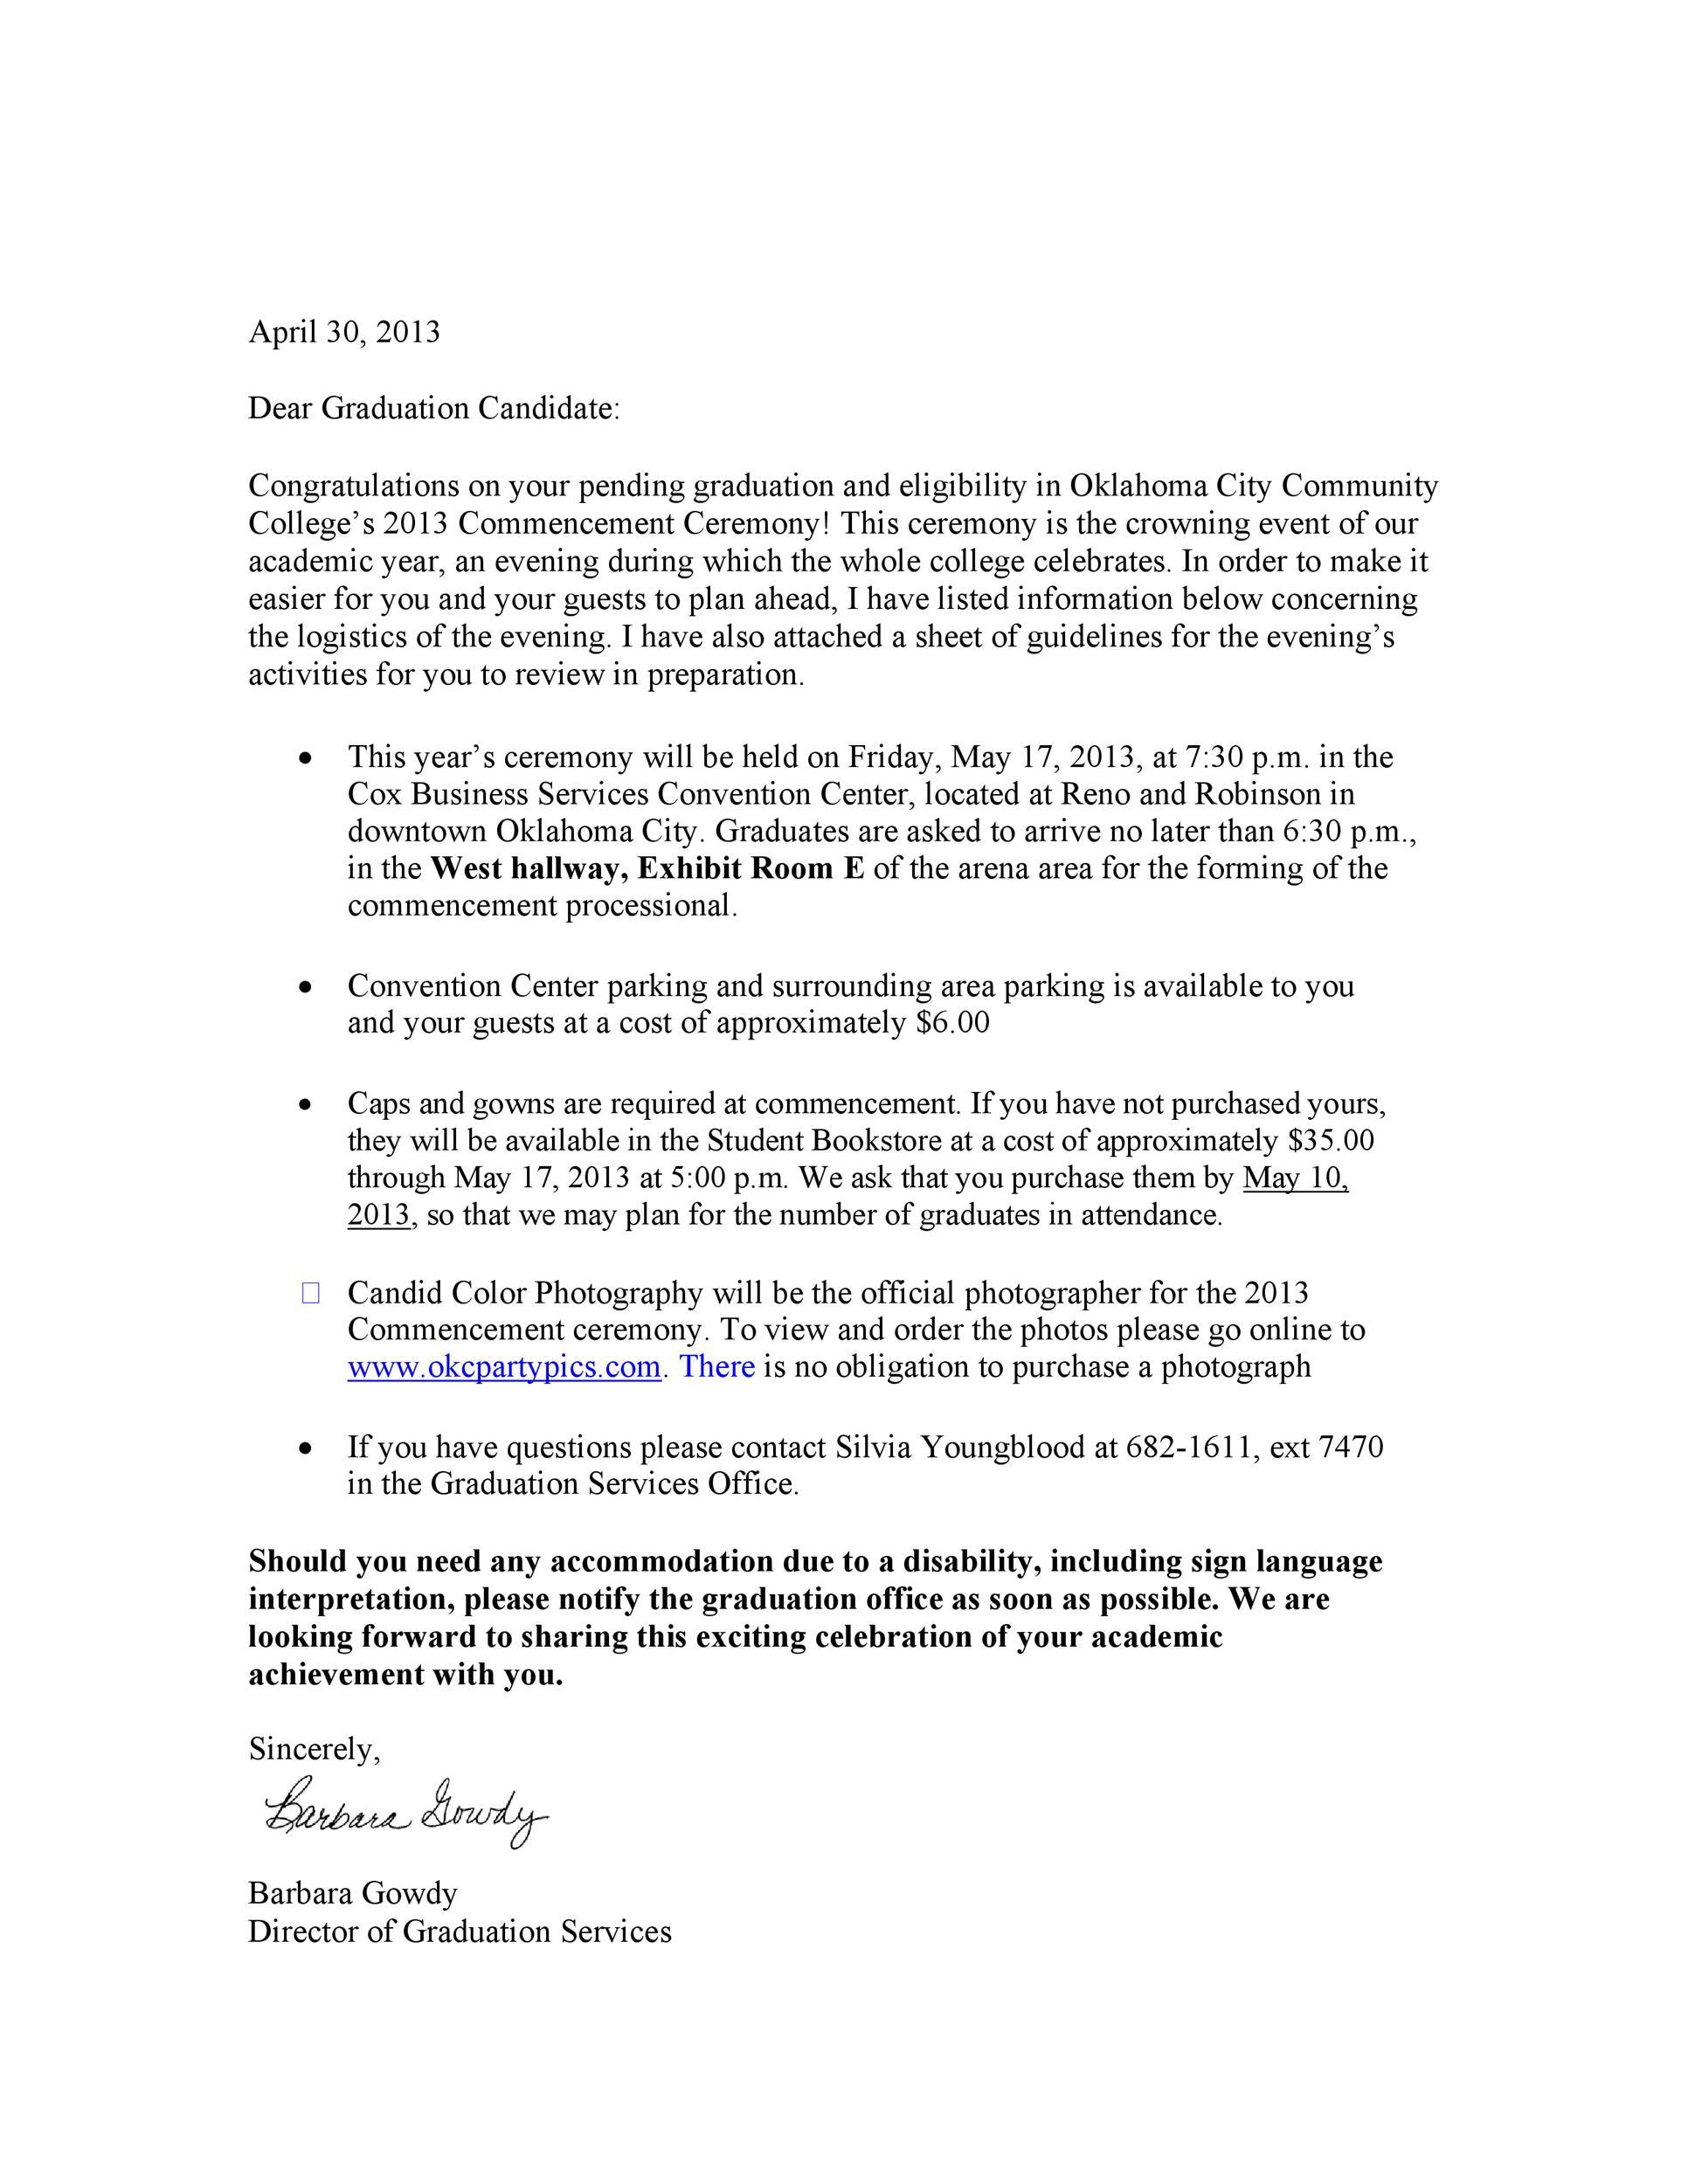 49 Best Congratulation Letters (New Job, Graduation, Retirement)